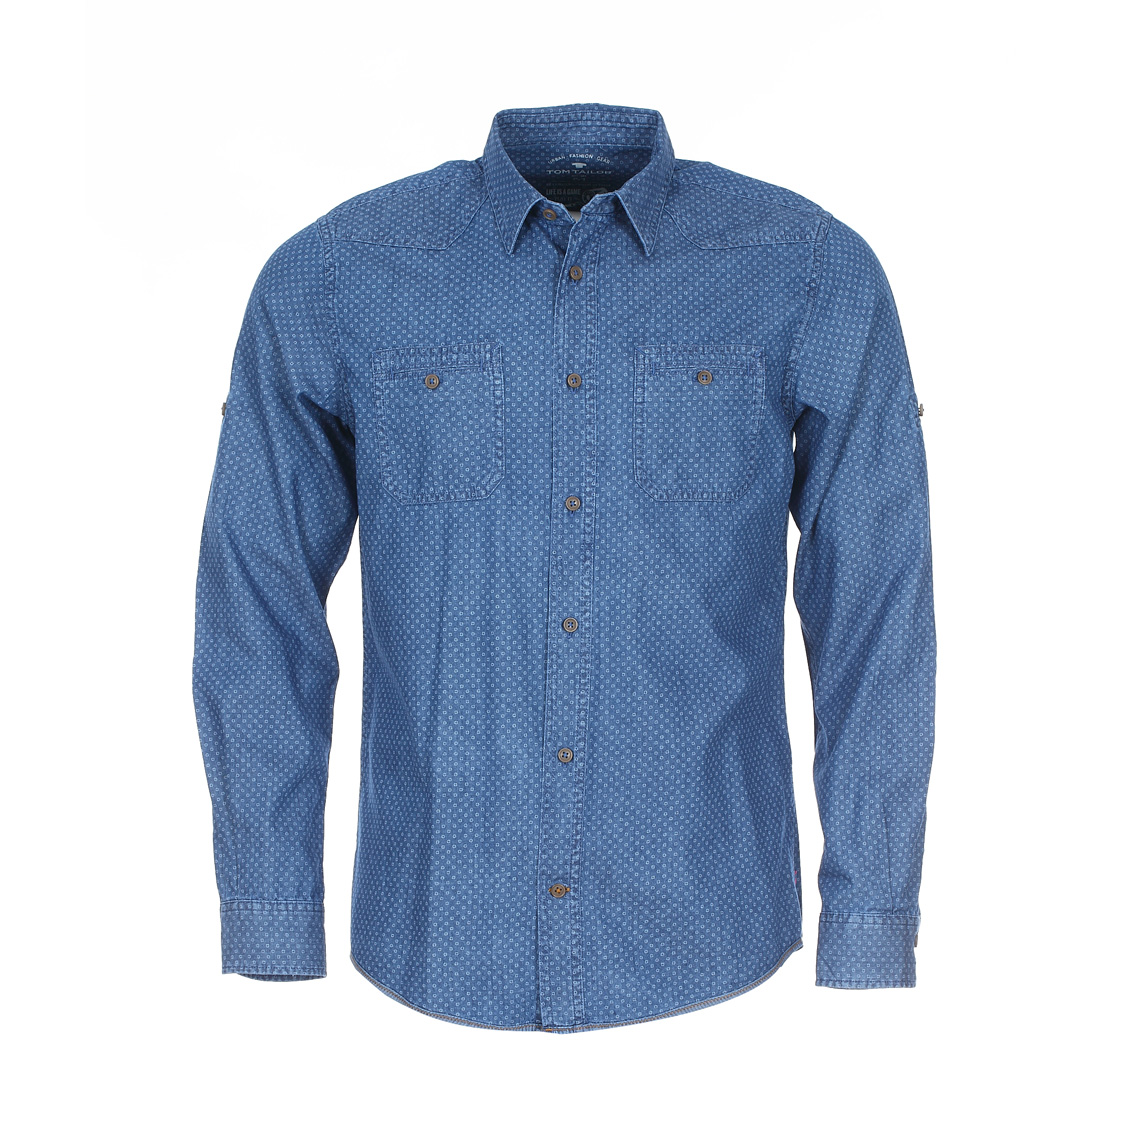 Chemise ajustée  en coton bleu jean à petits motifs bleu clair